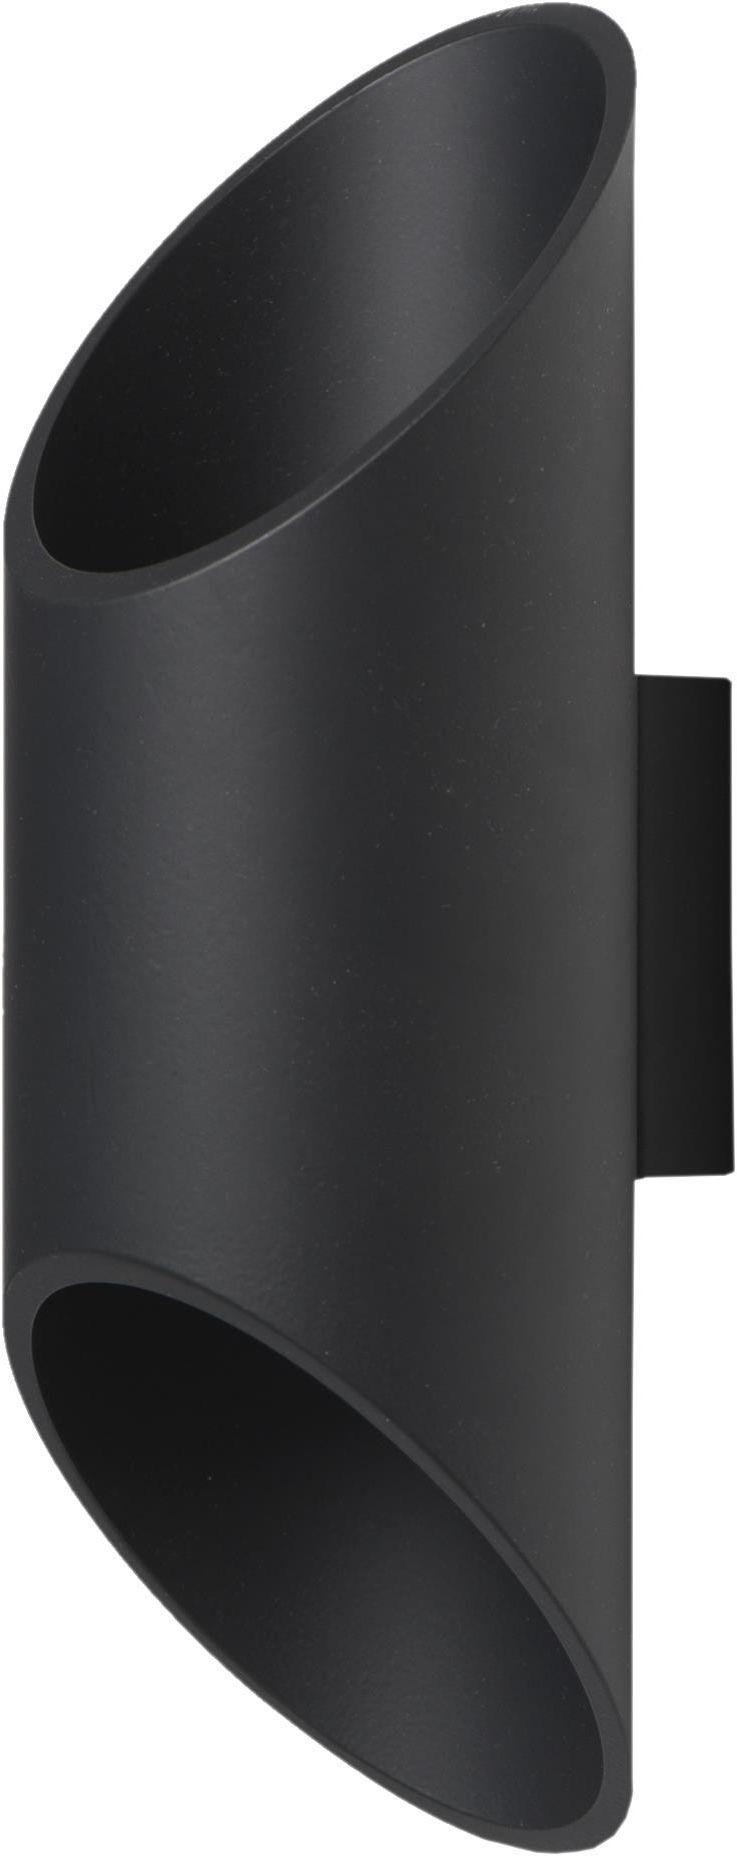 Lampex Wera czarny 593/K CZA kinkiet lampa ścienna nowoczesny metalowy klosz czarny G9 1x40W 10cm